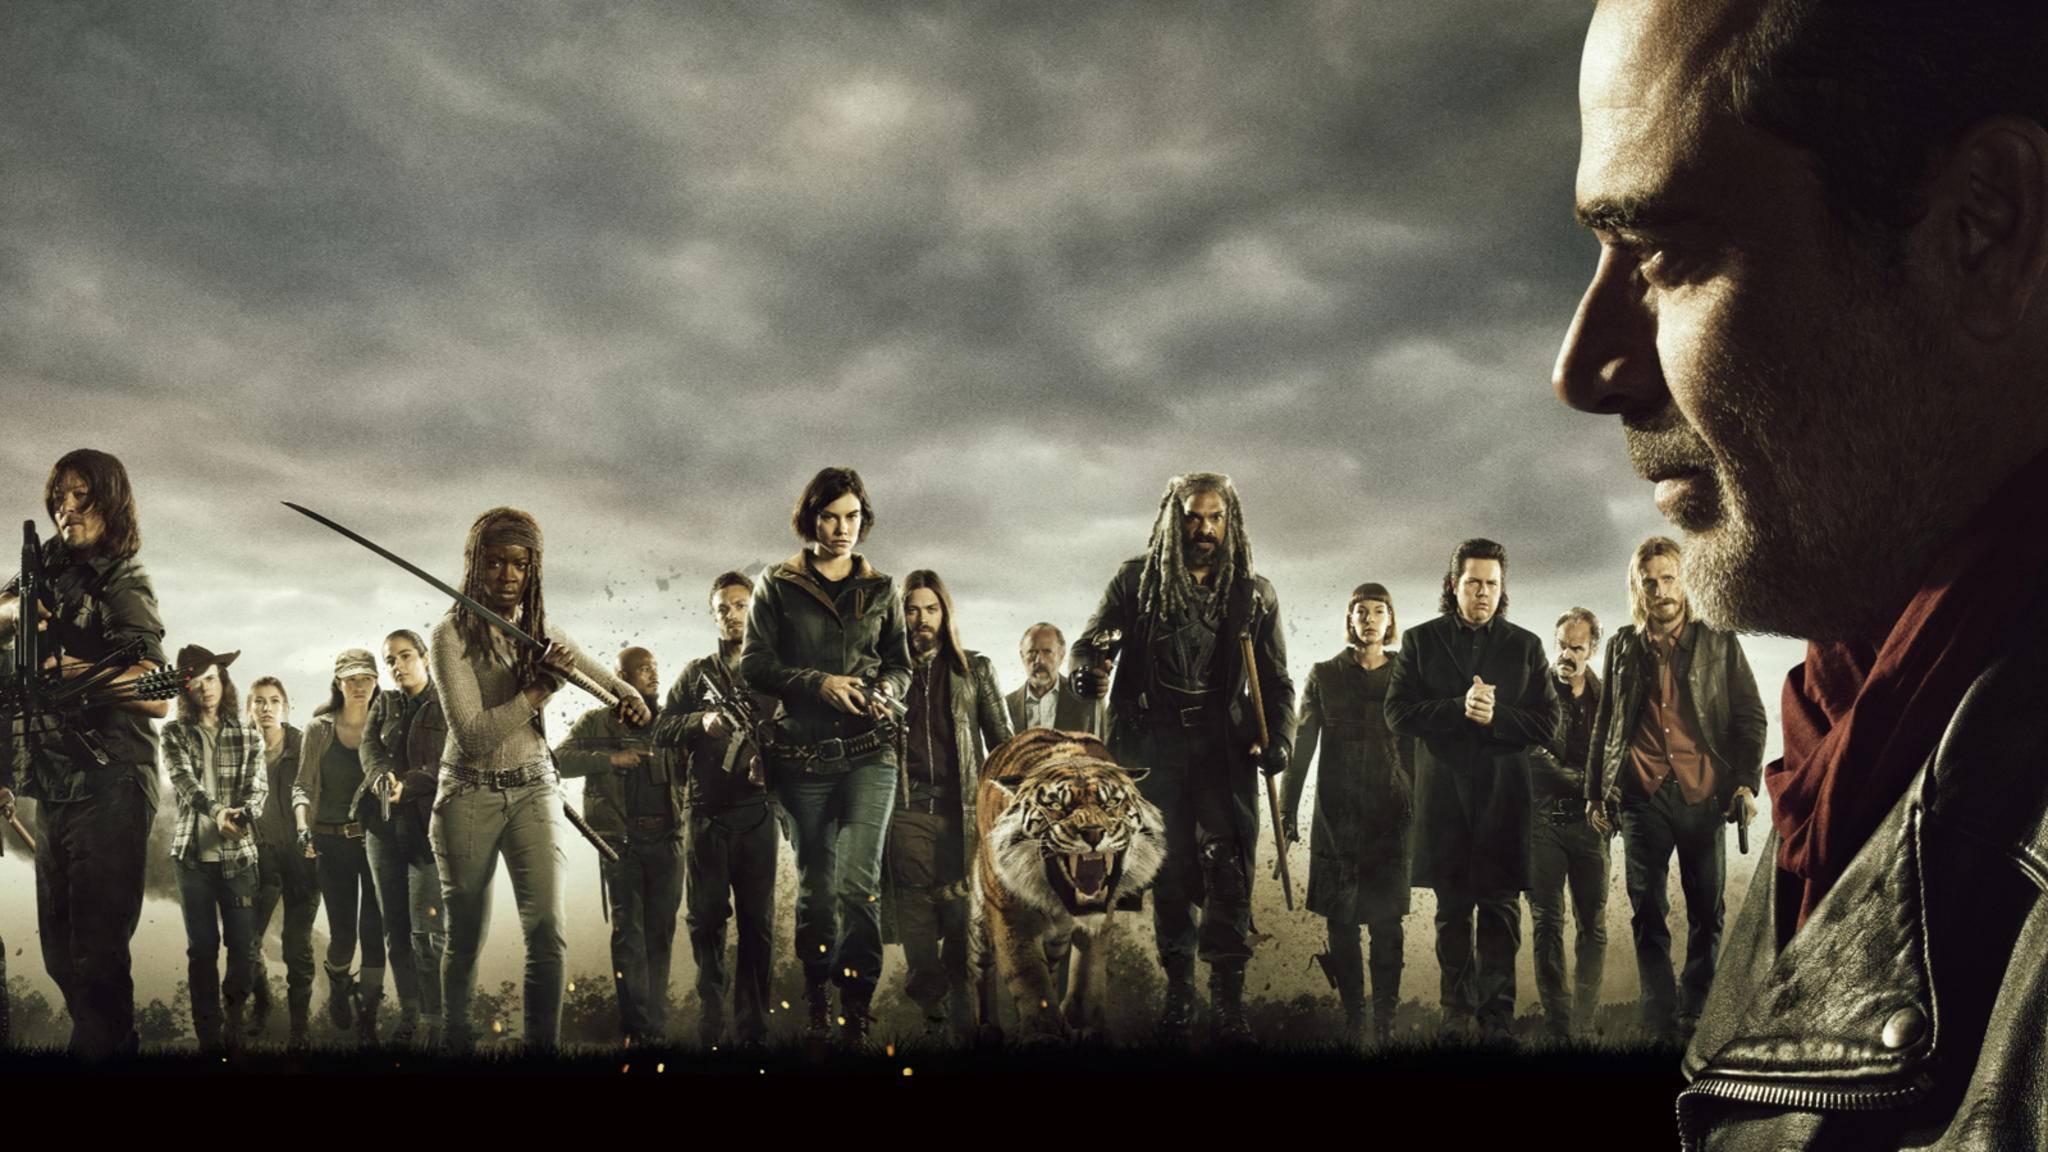 """Negan ist vorbereitet. In Staffel 8 von """"The Walking Dead"""" kommt es zum großen Krieg zwischen den Saviors und den anderen Communities."""